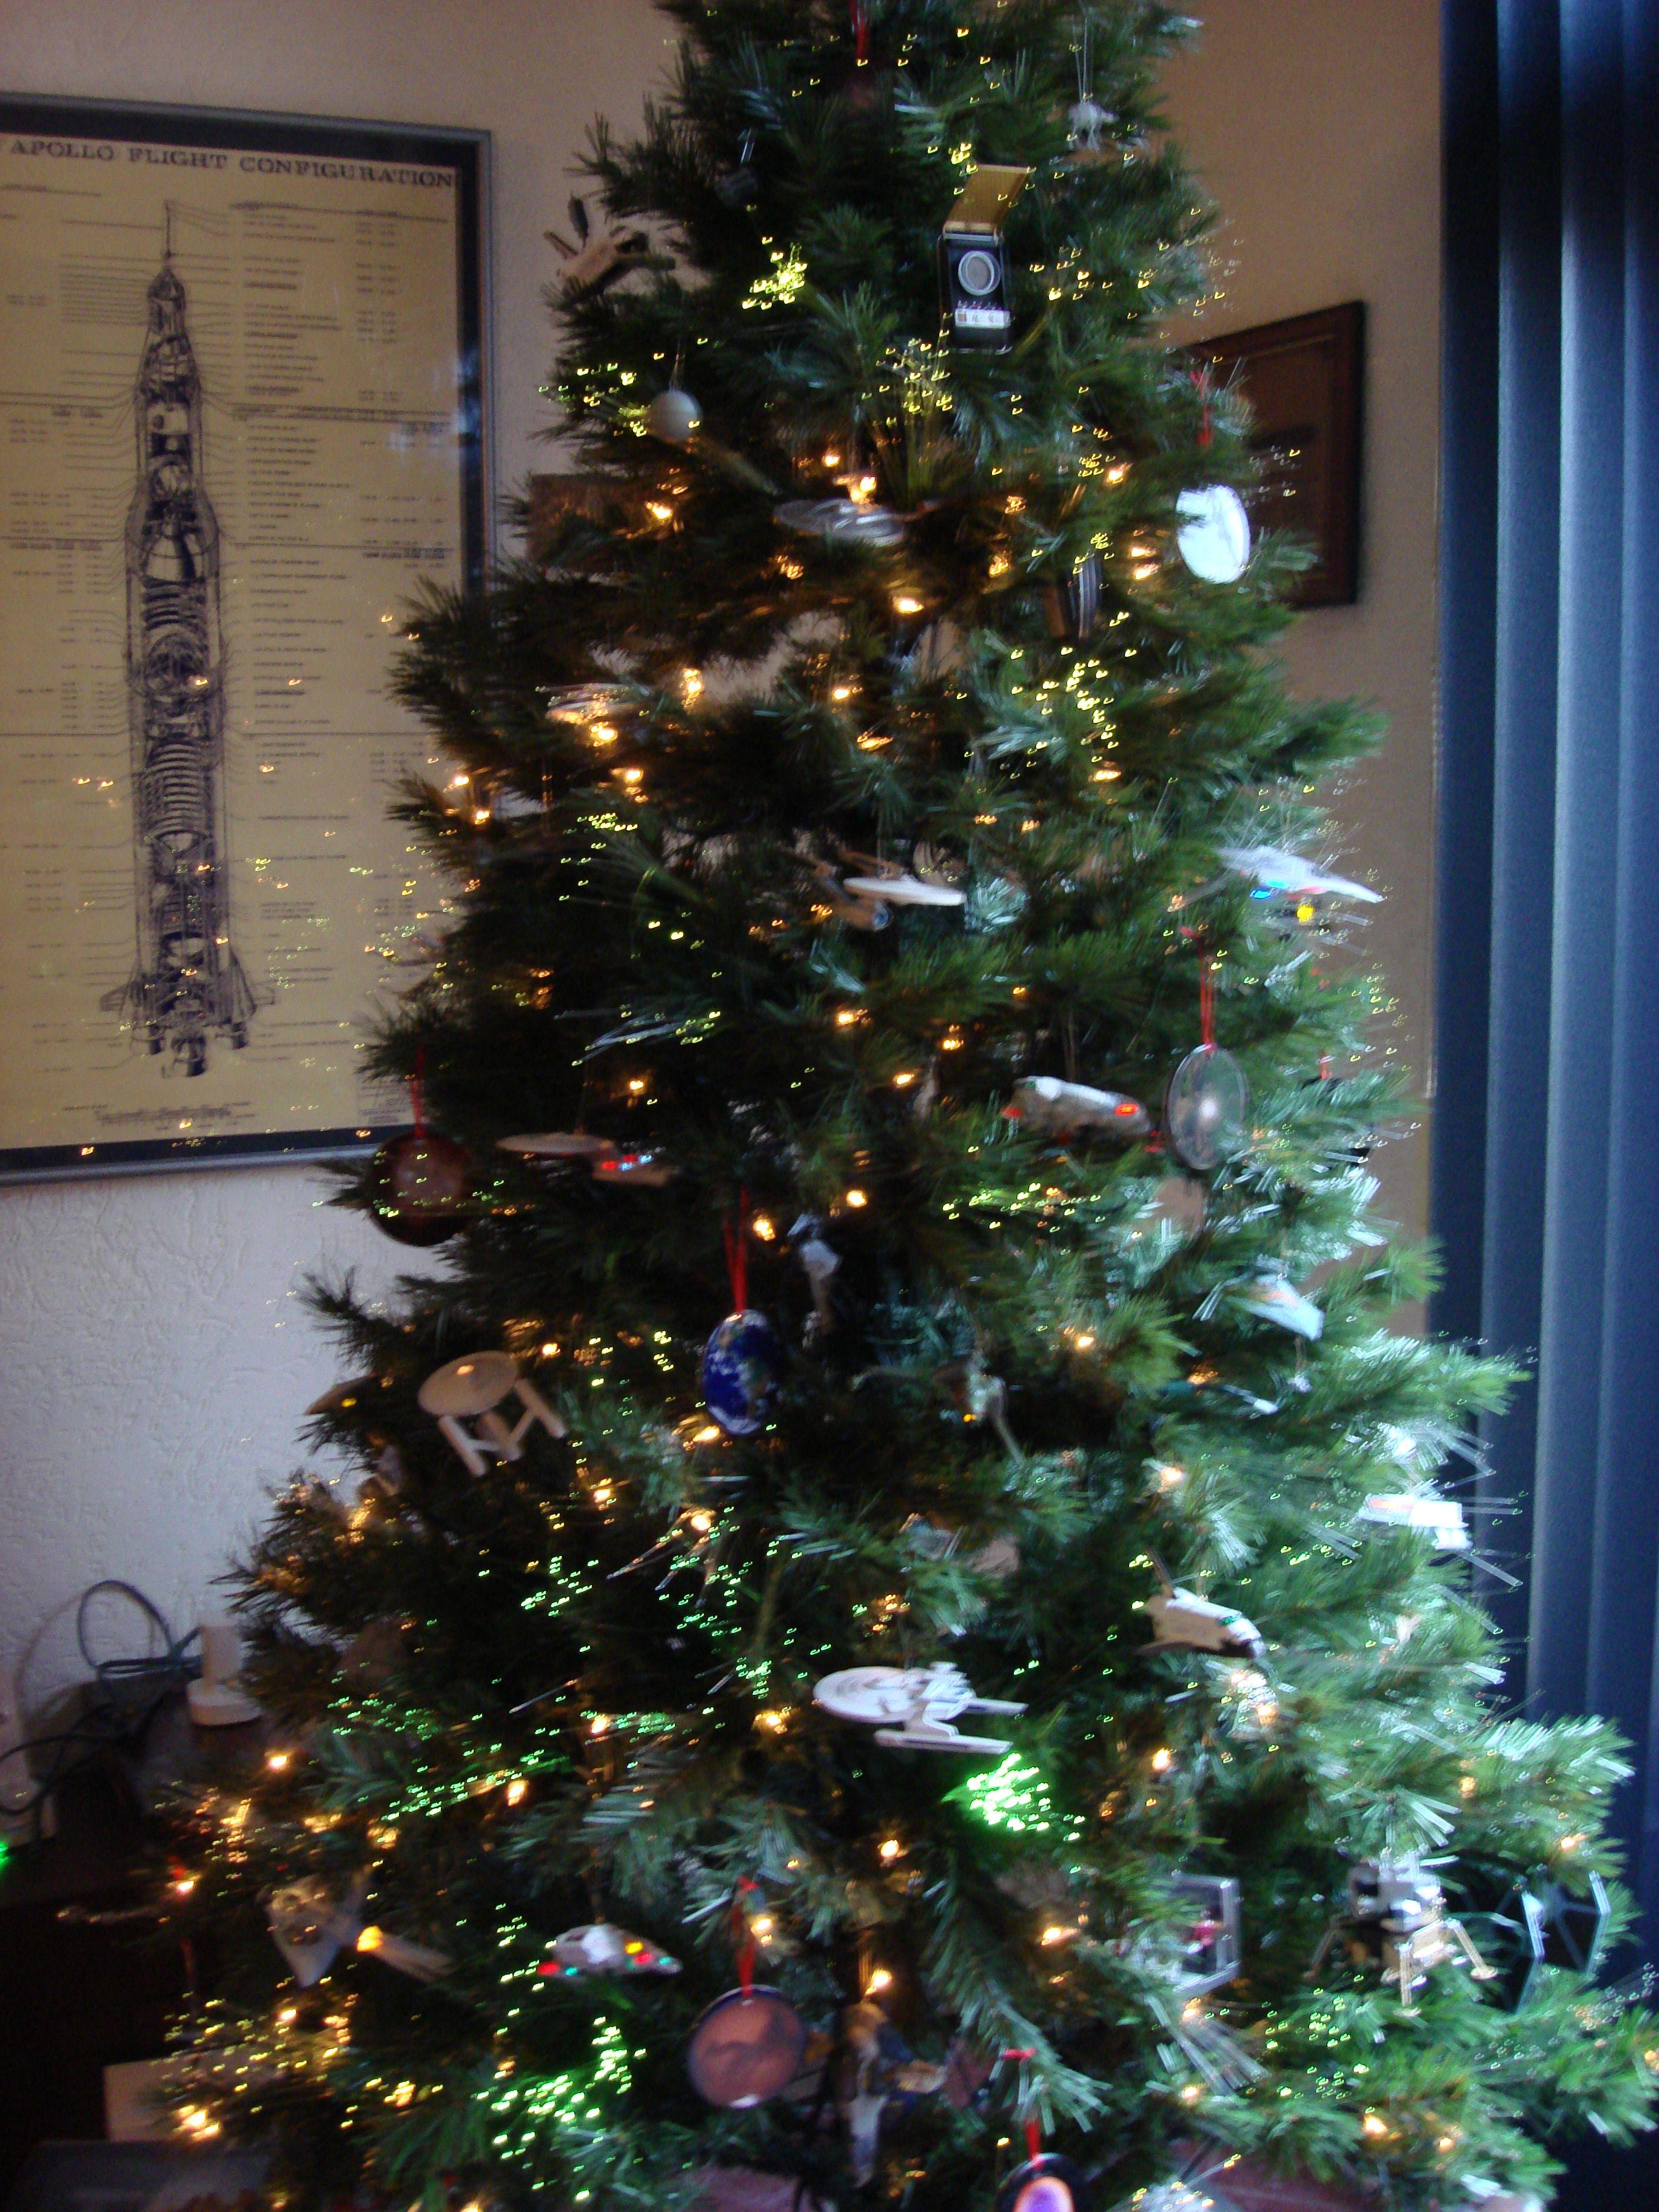 Our Star Trek Star Wars Tree In Joe S Home Office Christmas Tree Christmas Tree Themes Star Wars Christmas